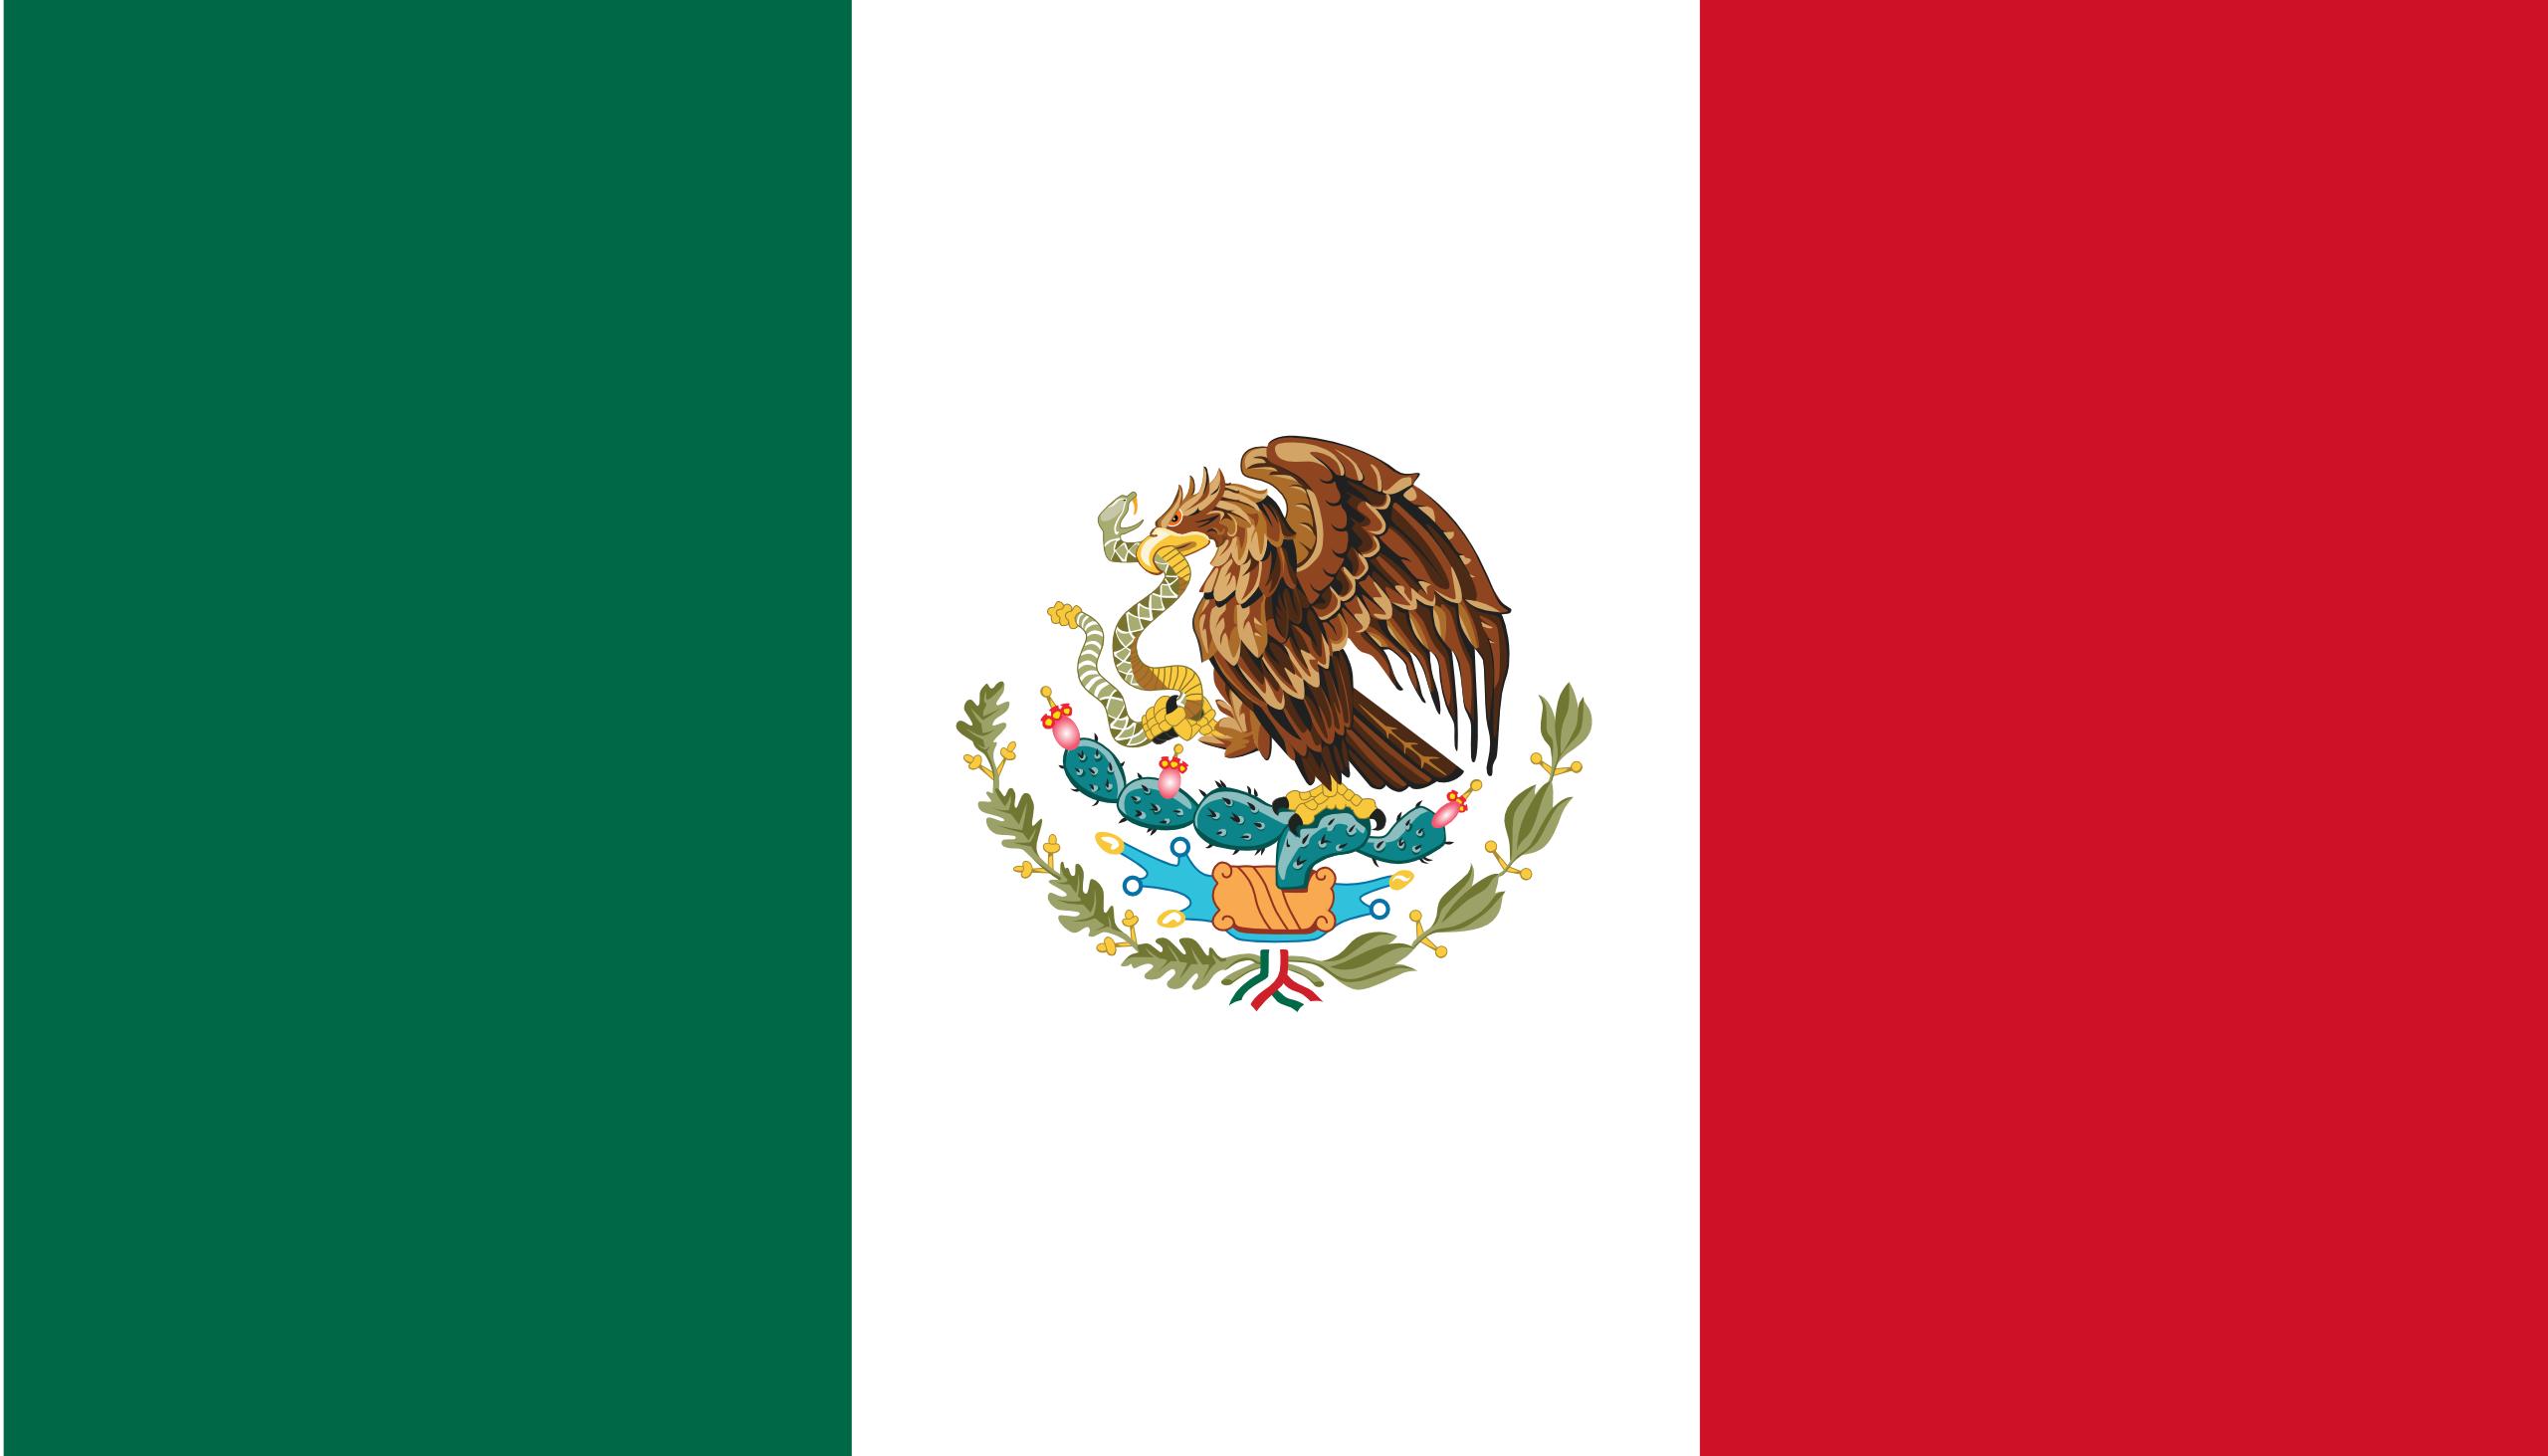 méxico, 国家, 会徽, 徽标, 符号 - 高清壁纸 - 教授-falken.com